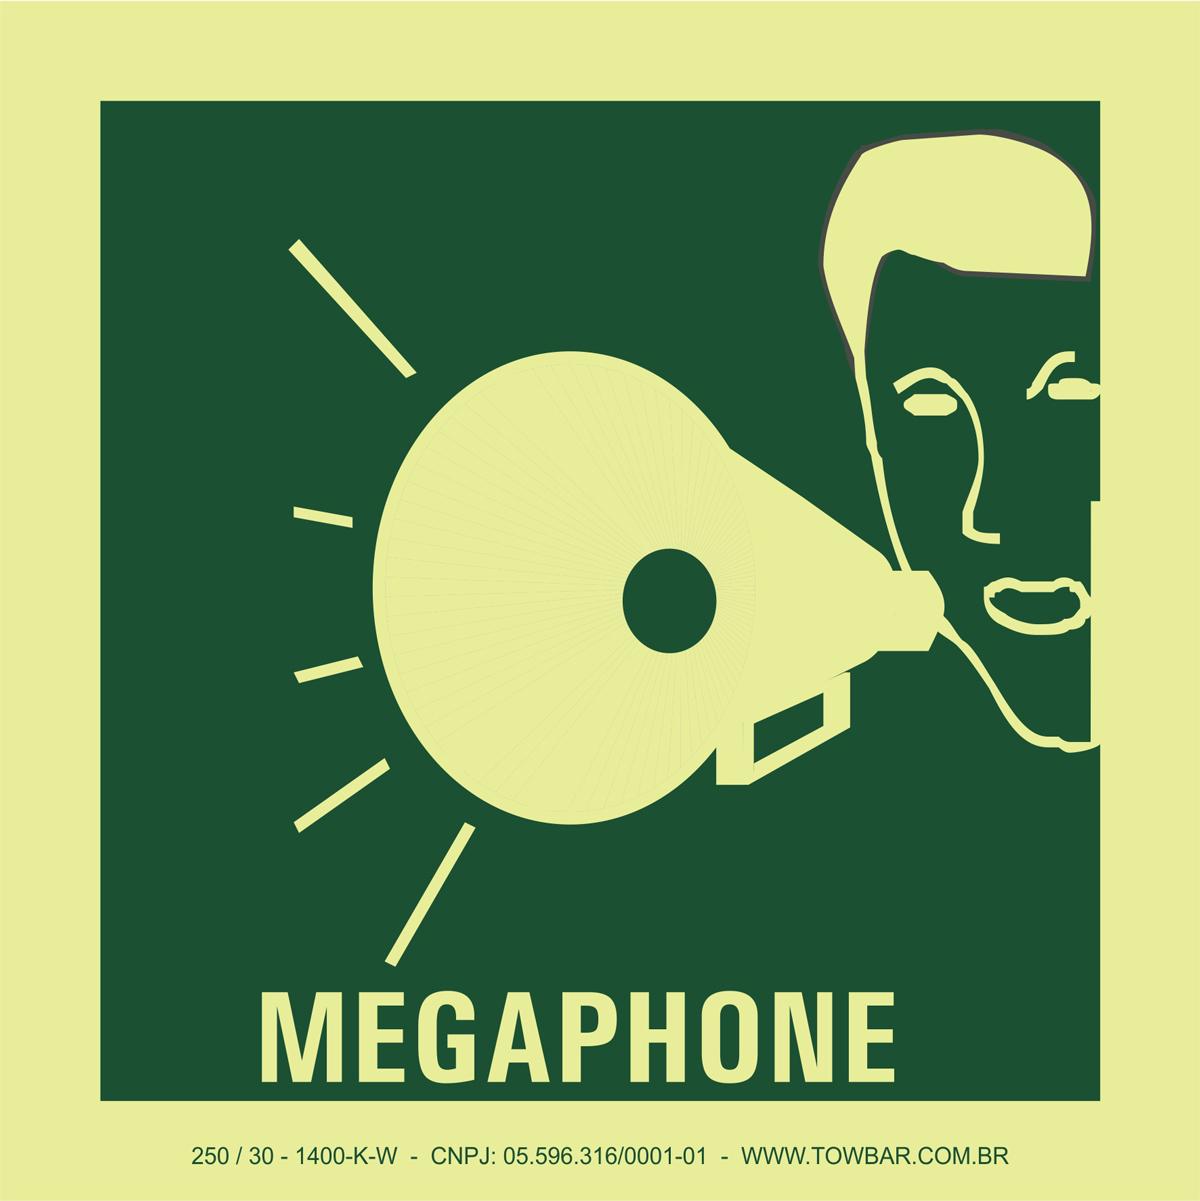 Megaphone  - Towbar Sinalização de Segurança